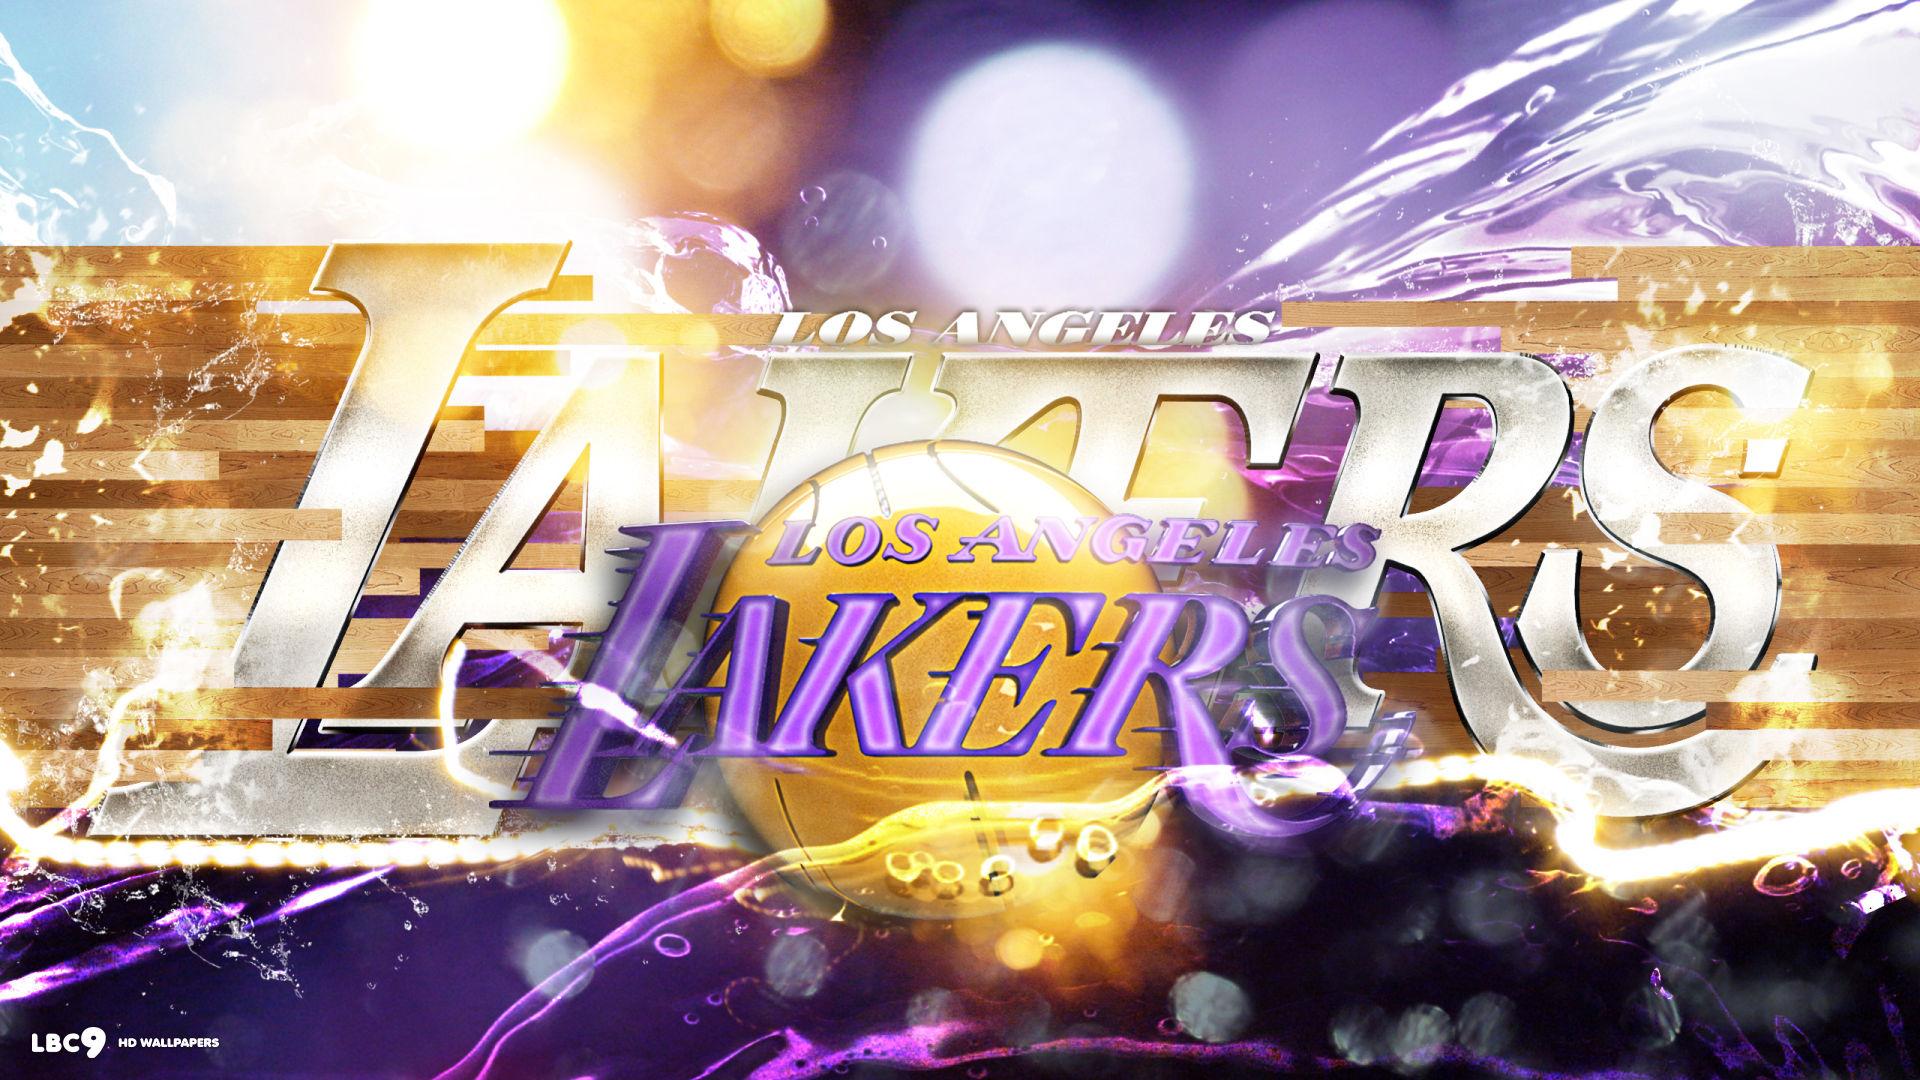 Best Nba Wallpapers Hd Lakers Logo Wallpapers Pixelstalk Net